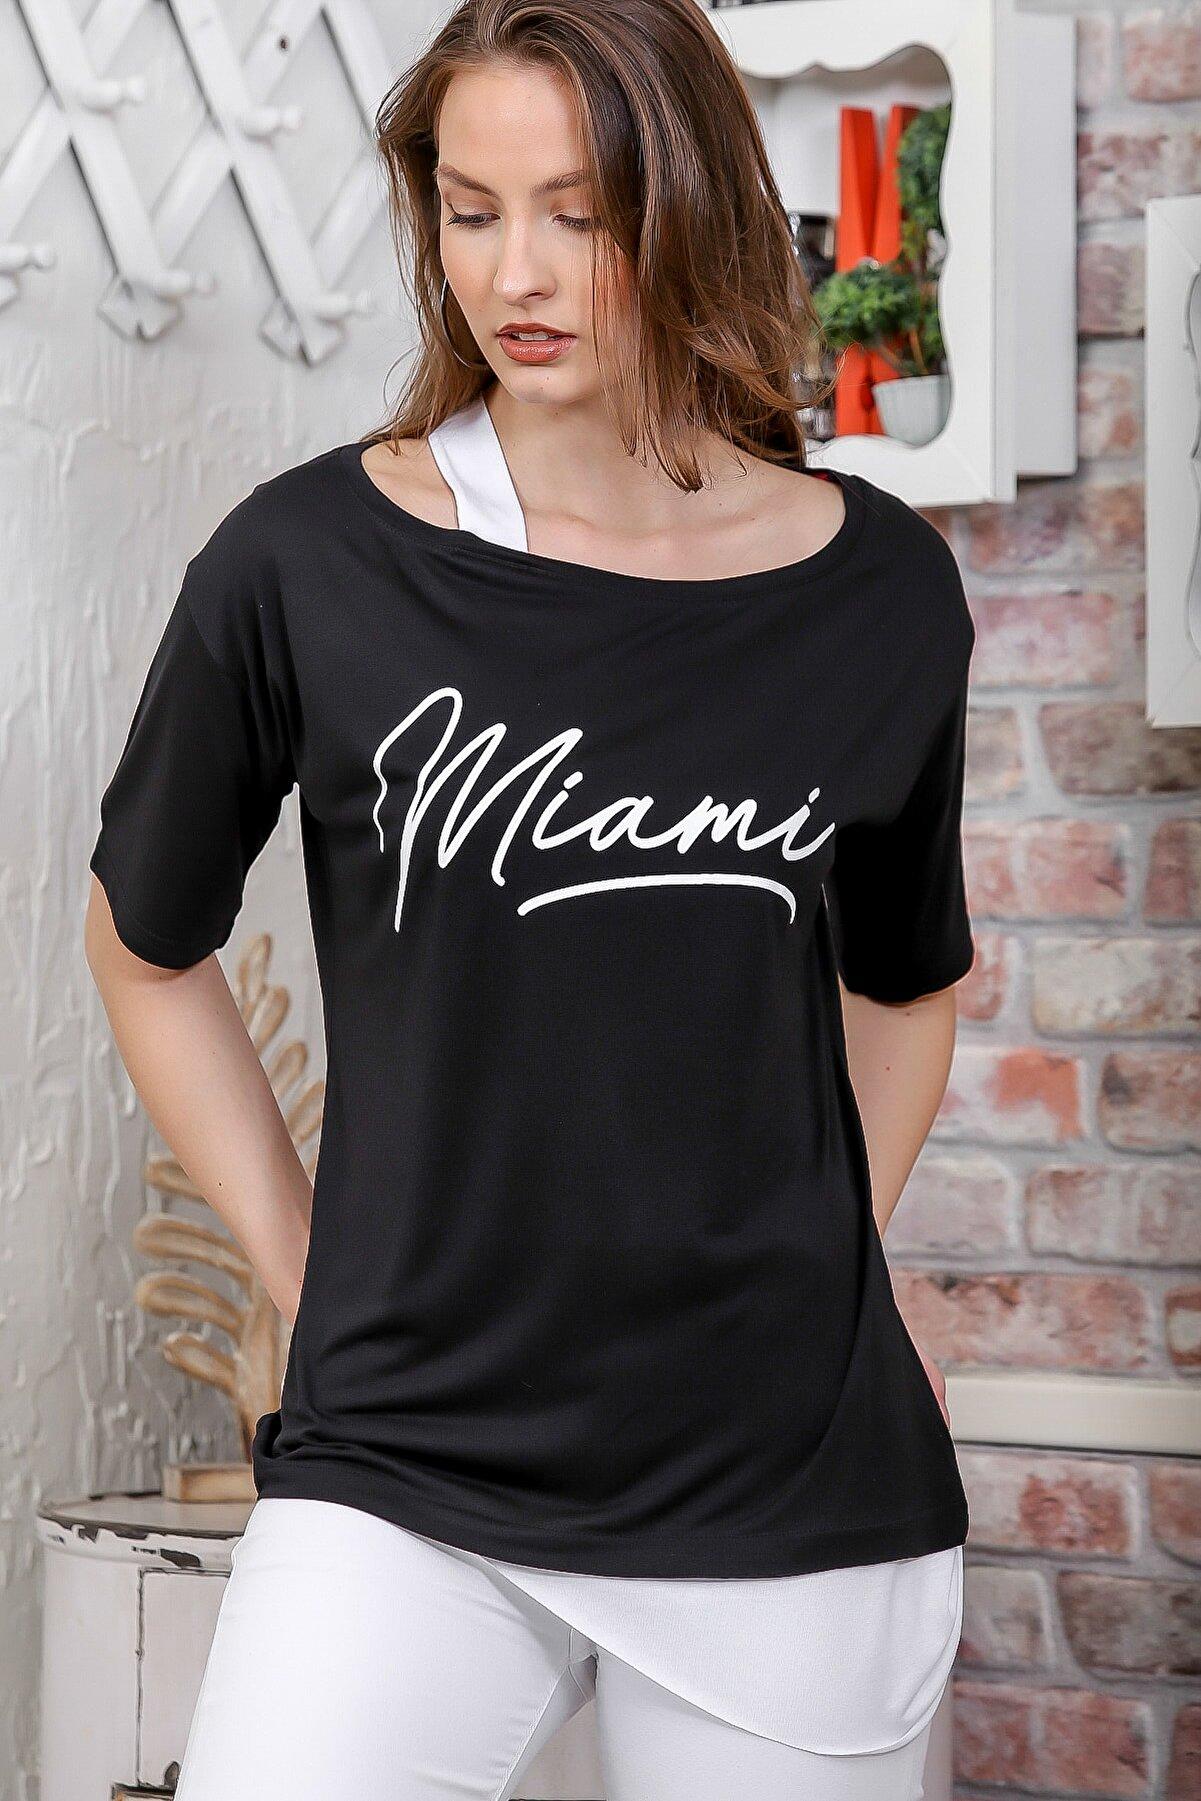 Chiccy Kadın Siyah Kayık Yaka Tek Omuz Askılı Etek Ucu Bloklu Baskılı T-Shirt M10010300TS98269